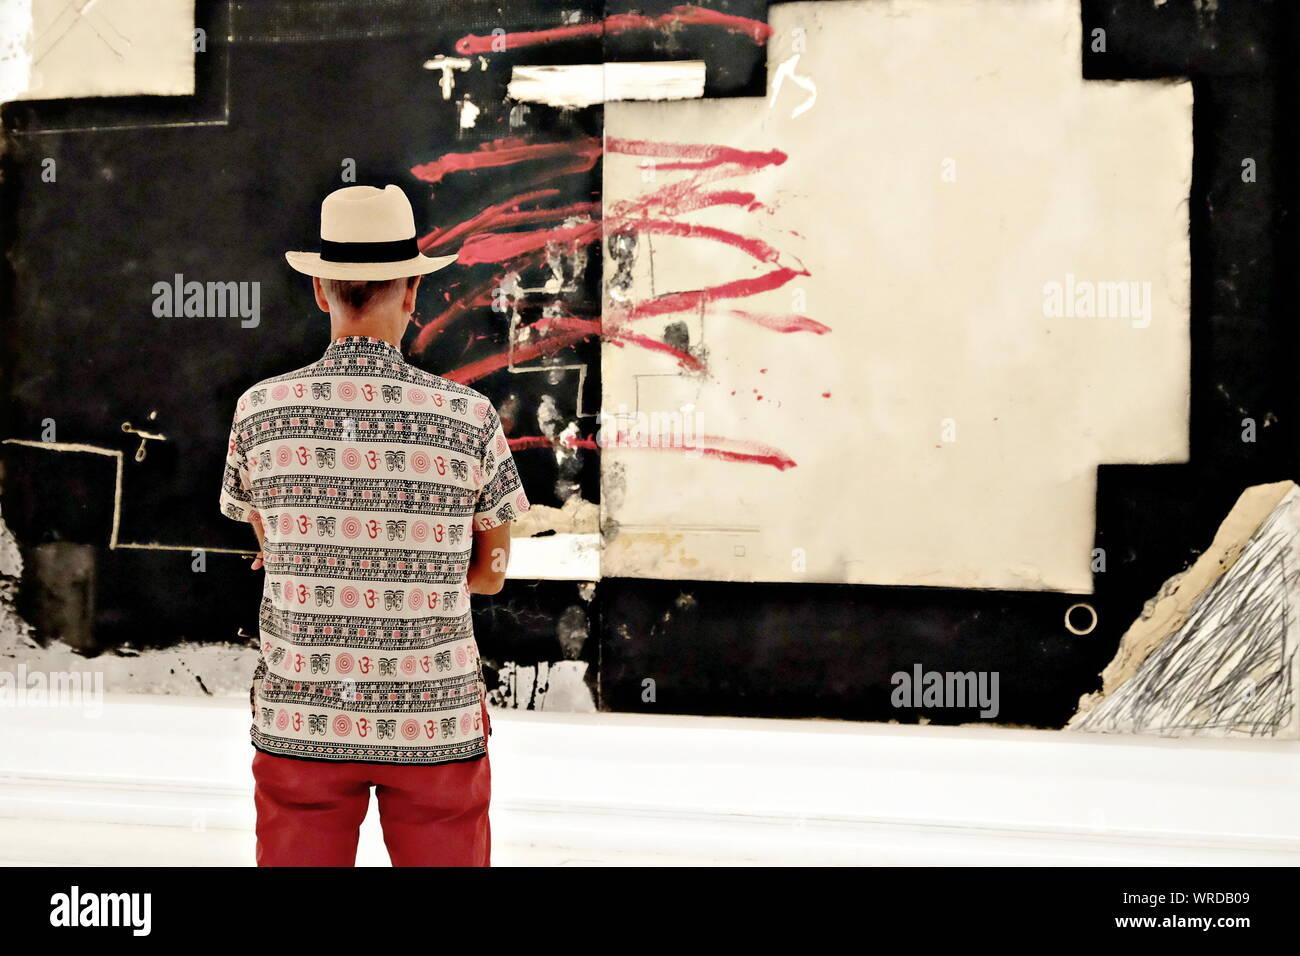 Visitante busca una pintura abstracta con los mismos colores de su ropa Foto de stock